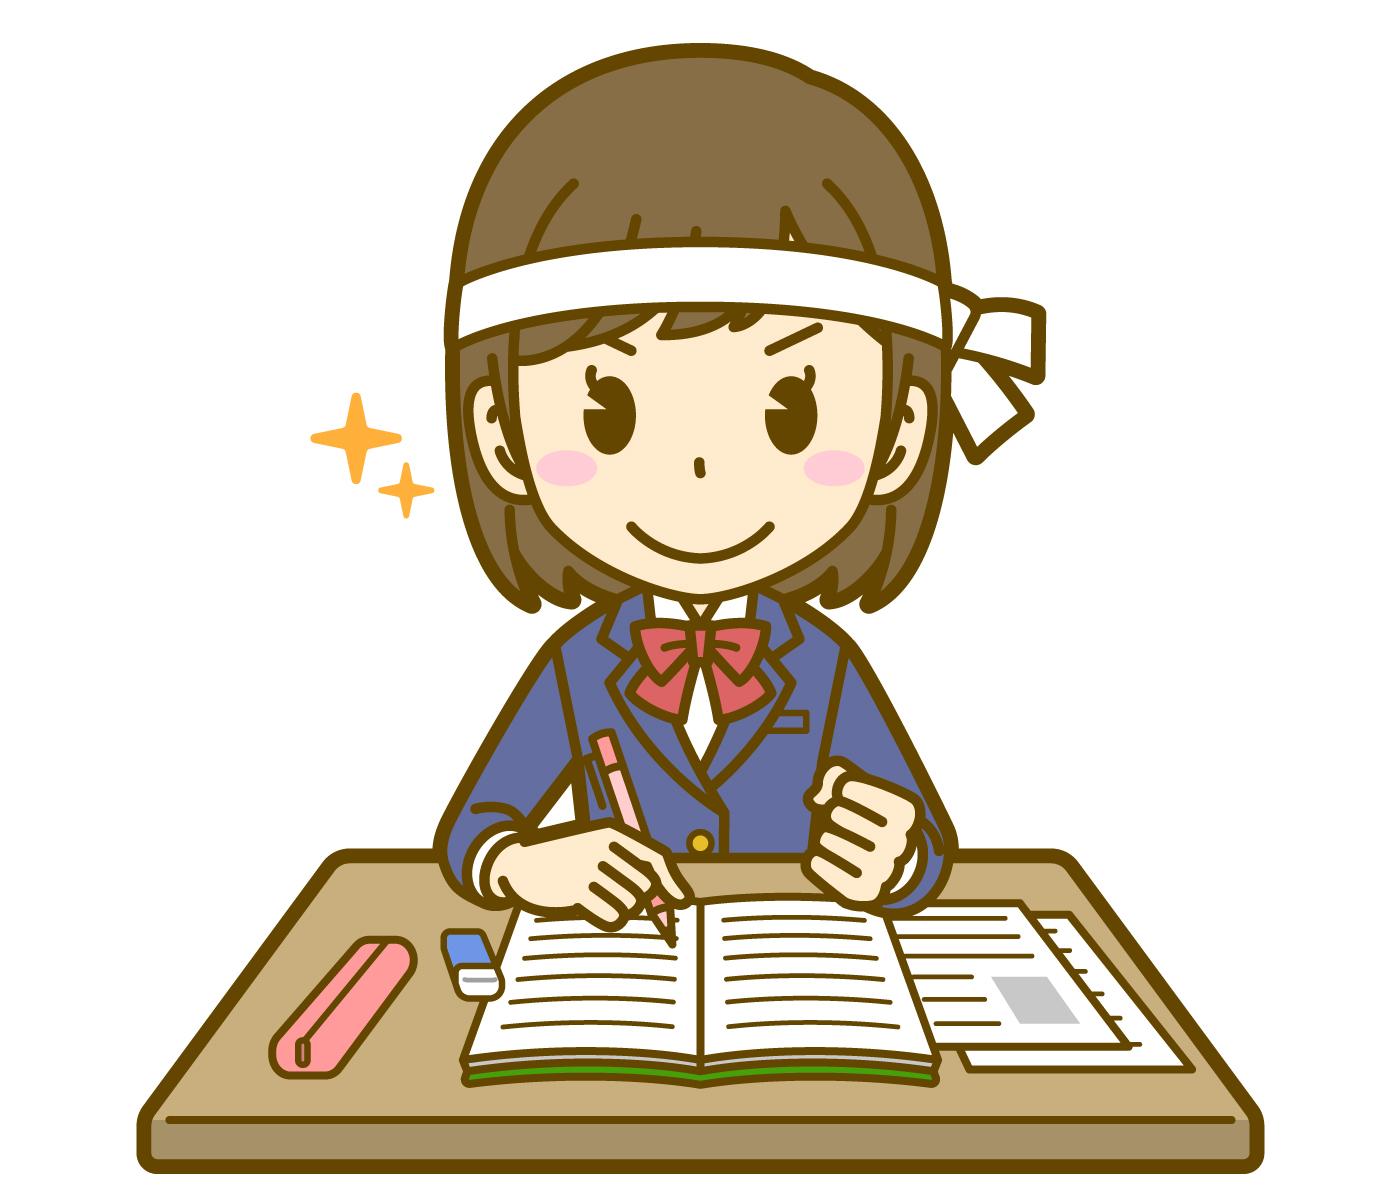 中学生に伝える集中力の高め方